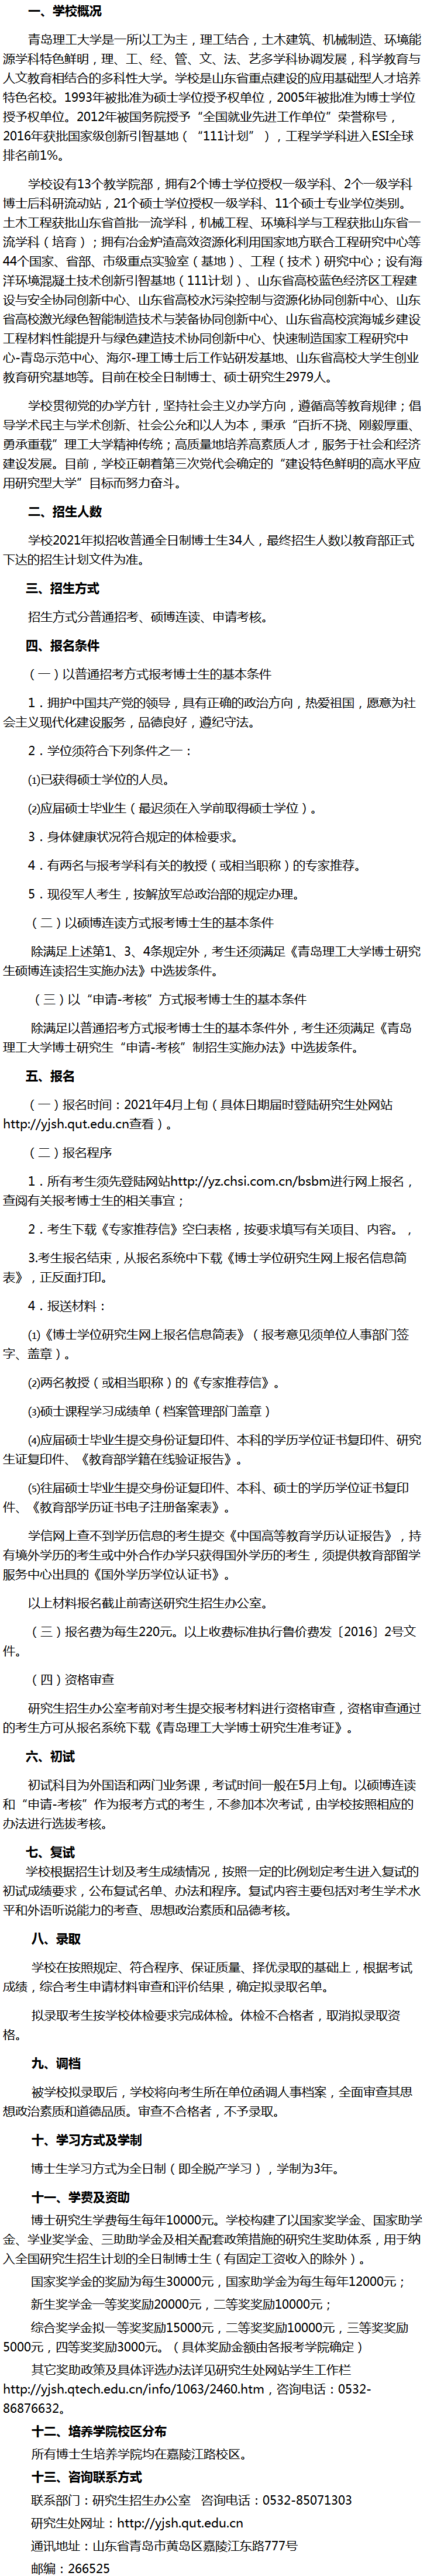 青岛理工大学2021年博士研究生招生简章